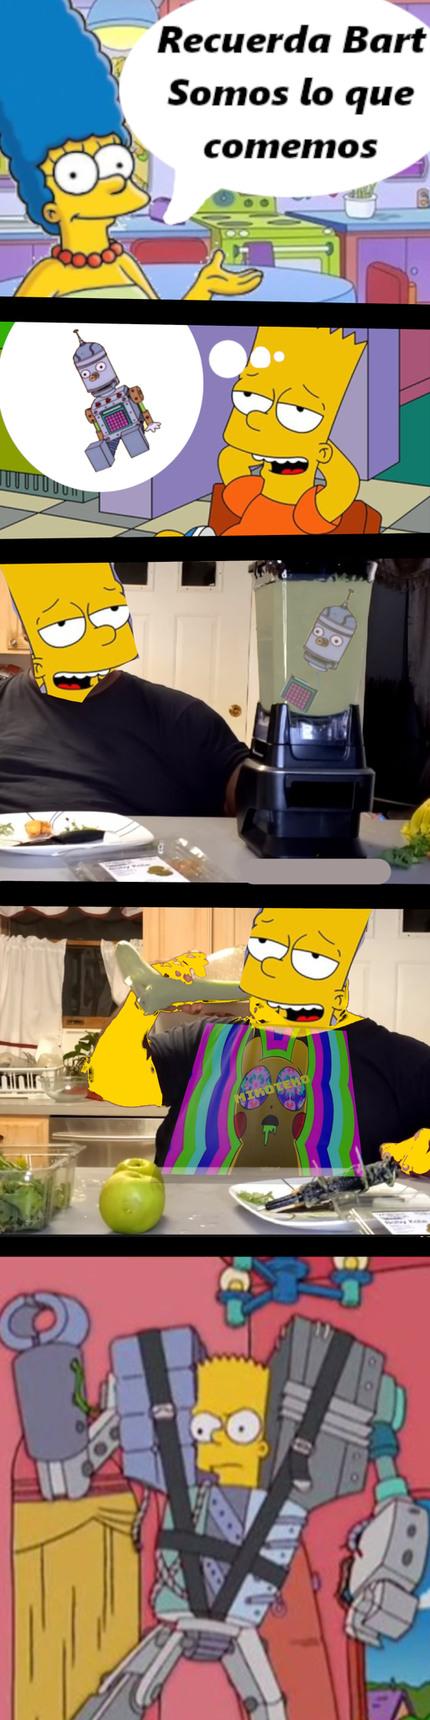 Somos lo que comemos - meme